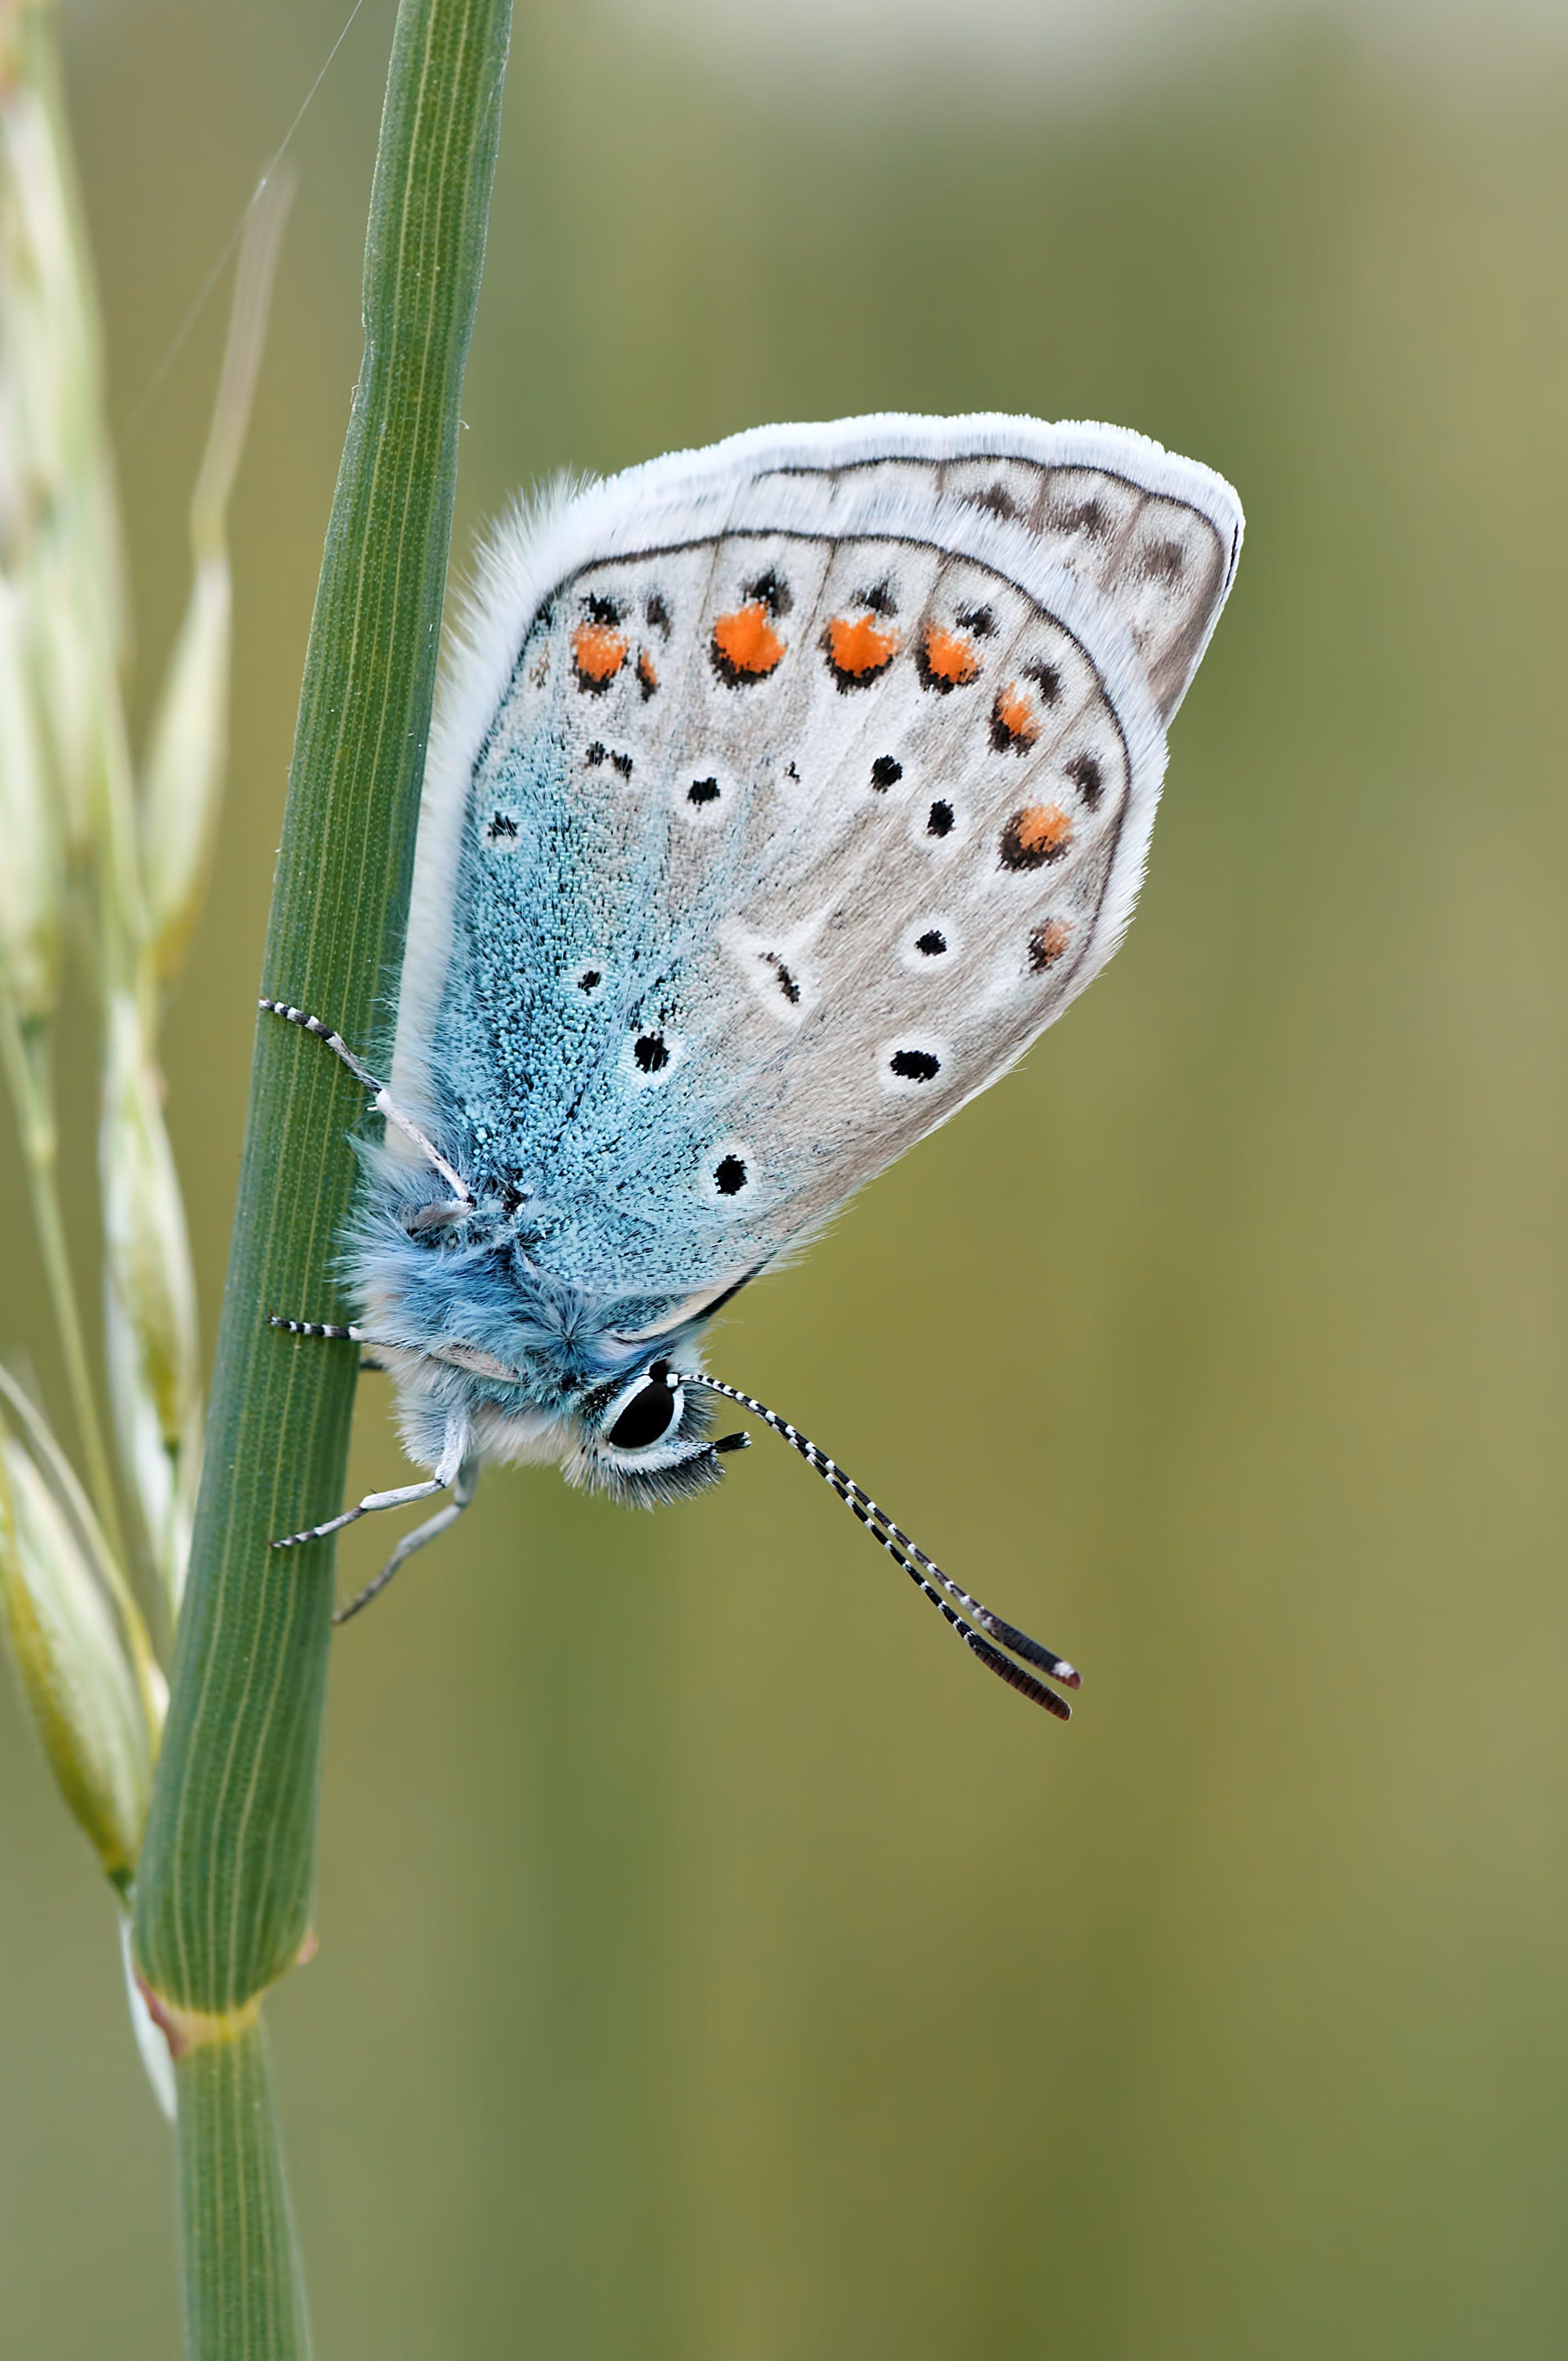 天性, 宏觀, 蝴蝶 的 免费素材照片